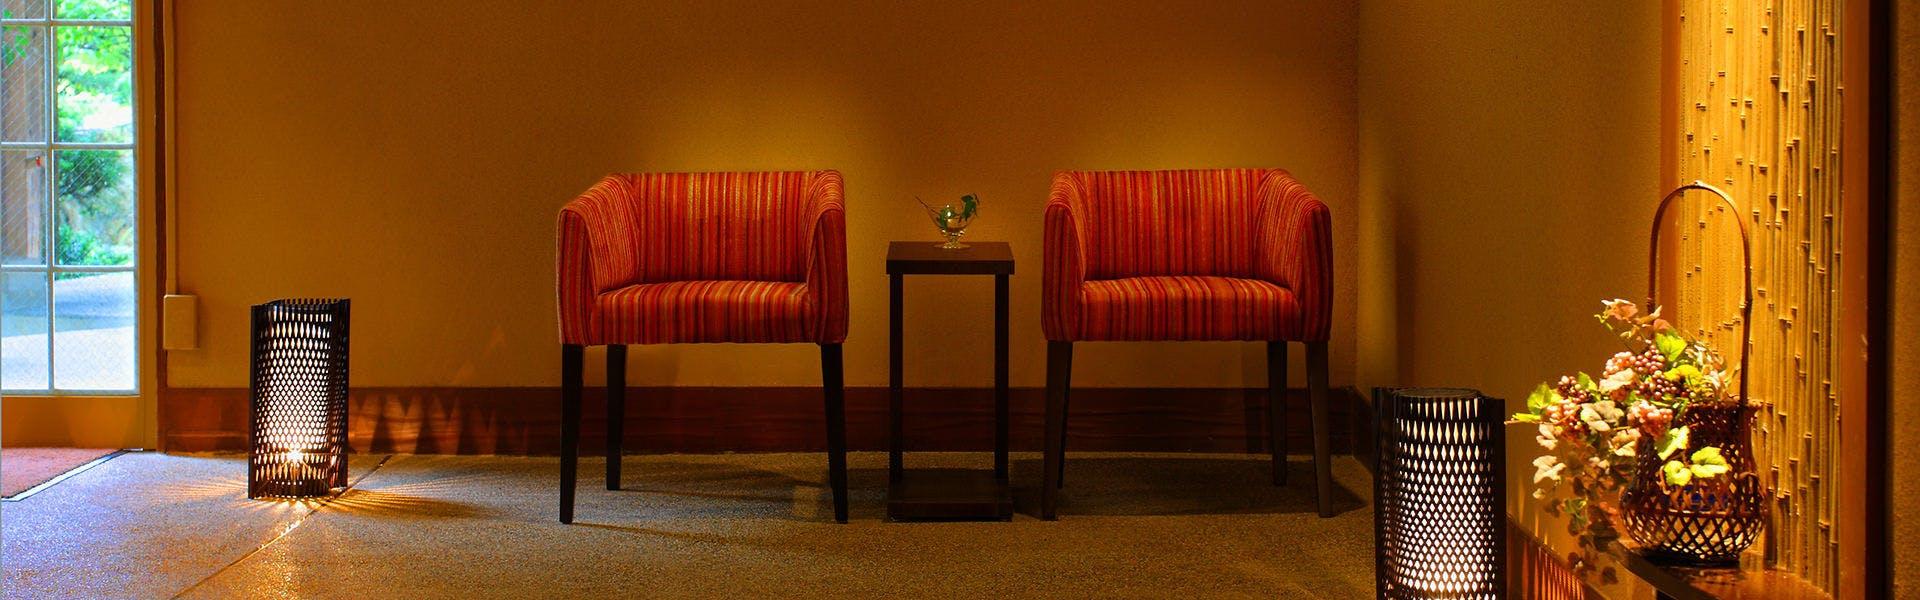 記念日におすすめのホテル・温泉三昧の宿 四万たむらの写真3